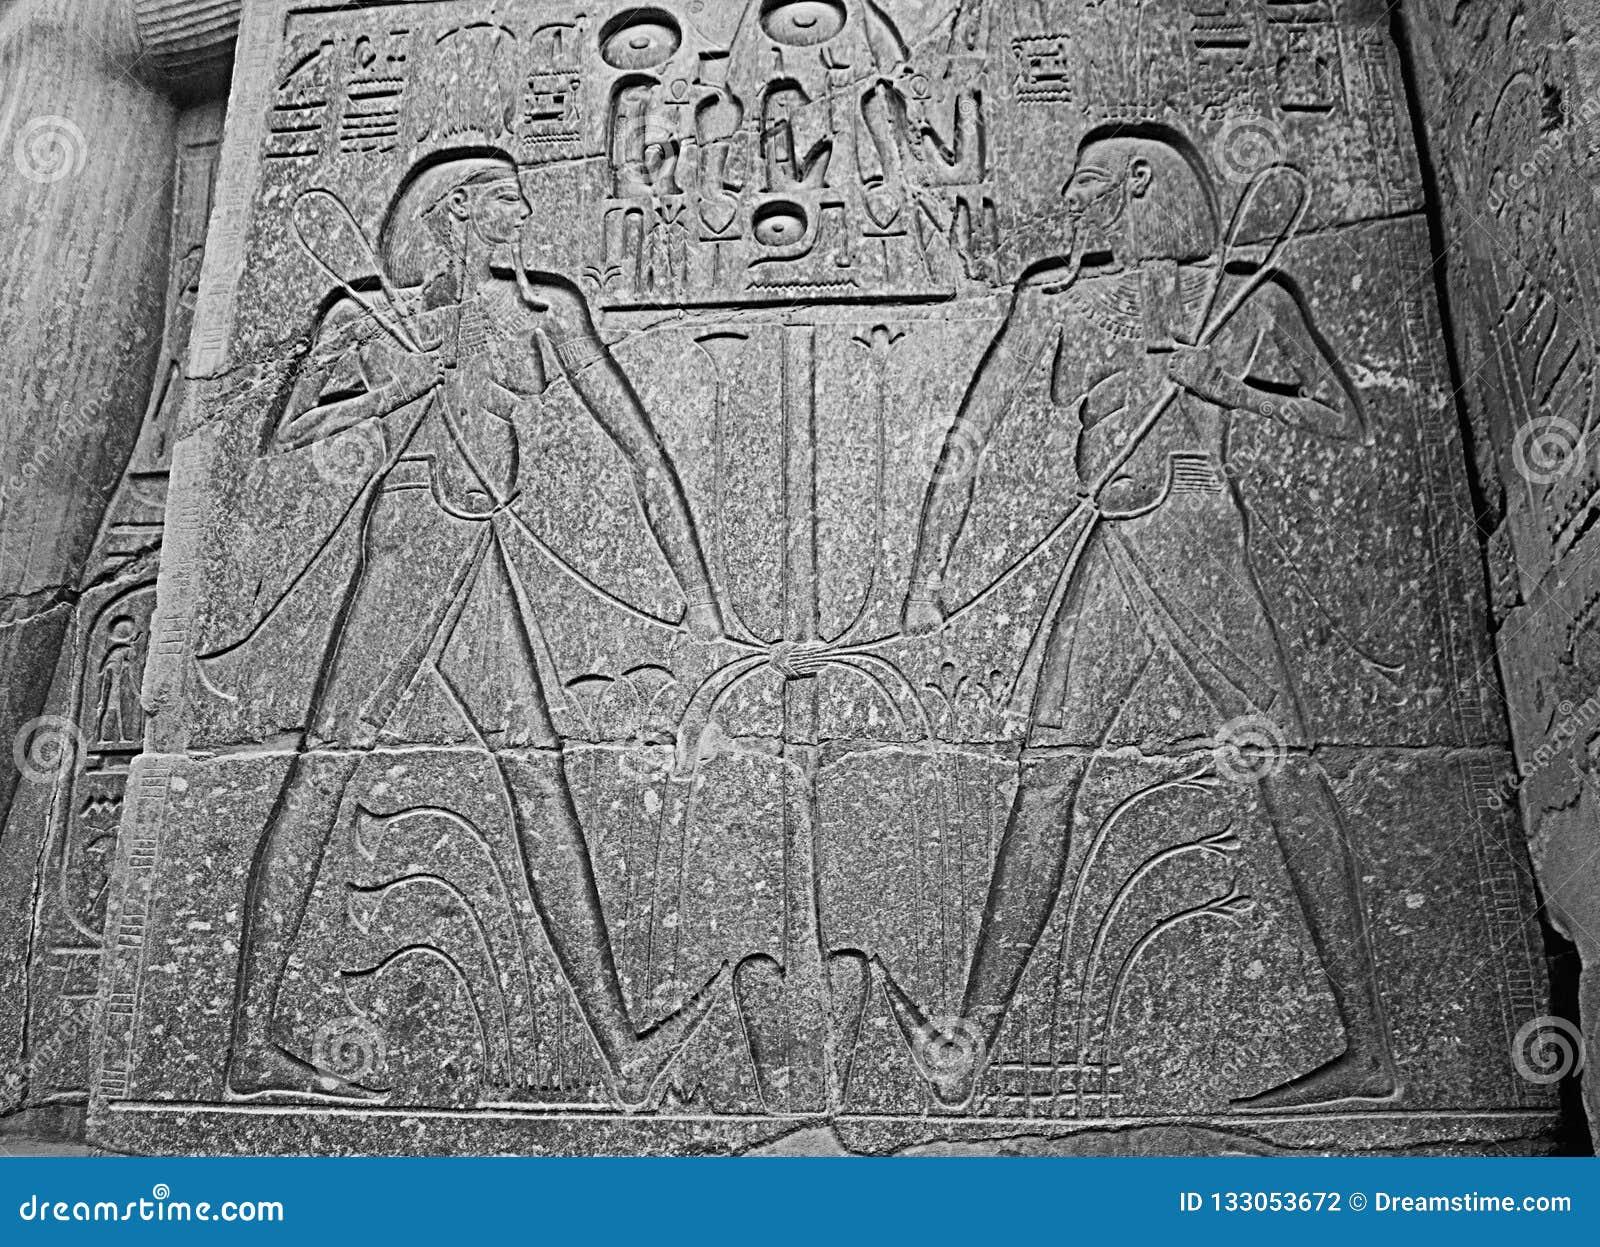 Αιγυπτιακό hieroglyphics στον τοίχο ασβεστόλιθων στον αιγυπτιακό ναό